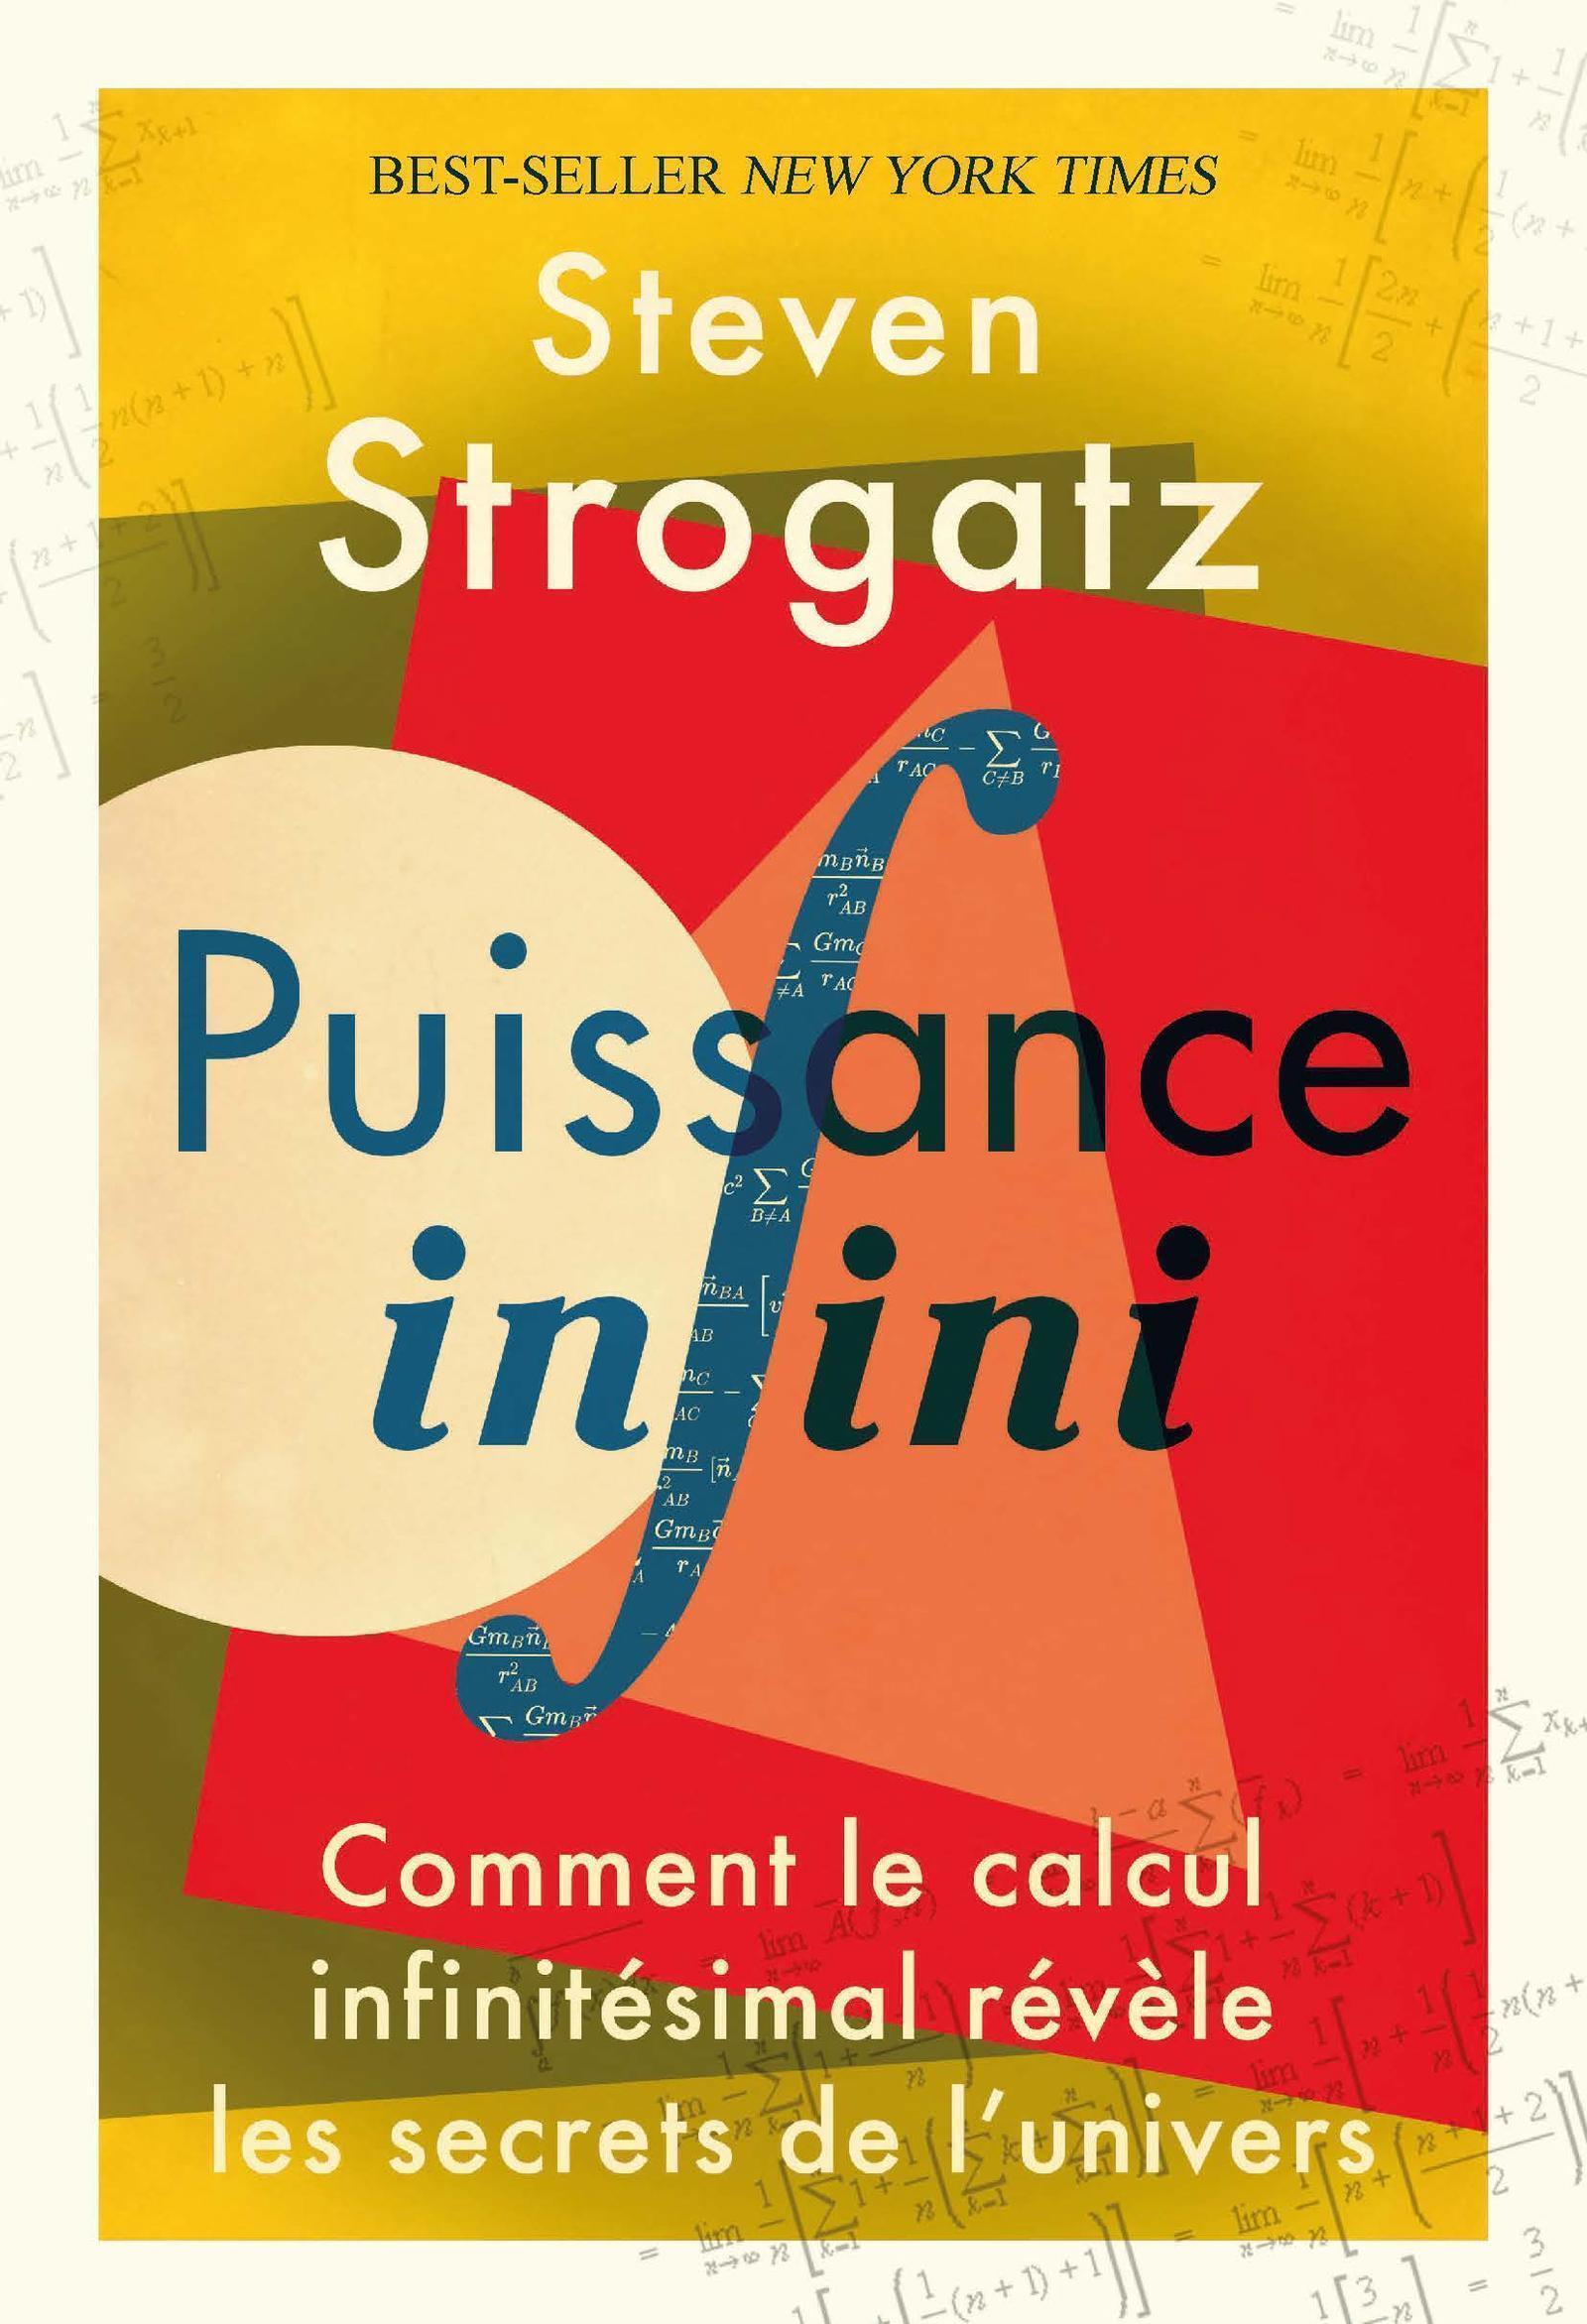 PUISSANCE INFINI - COMMENT LE CALCUL INFINITESIMAL REVELE LES SECRETS DE L'UNIVERS